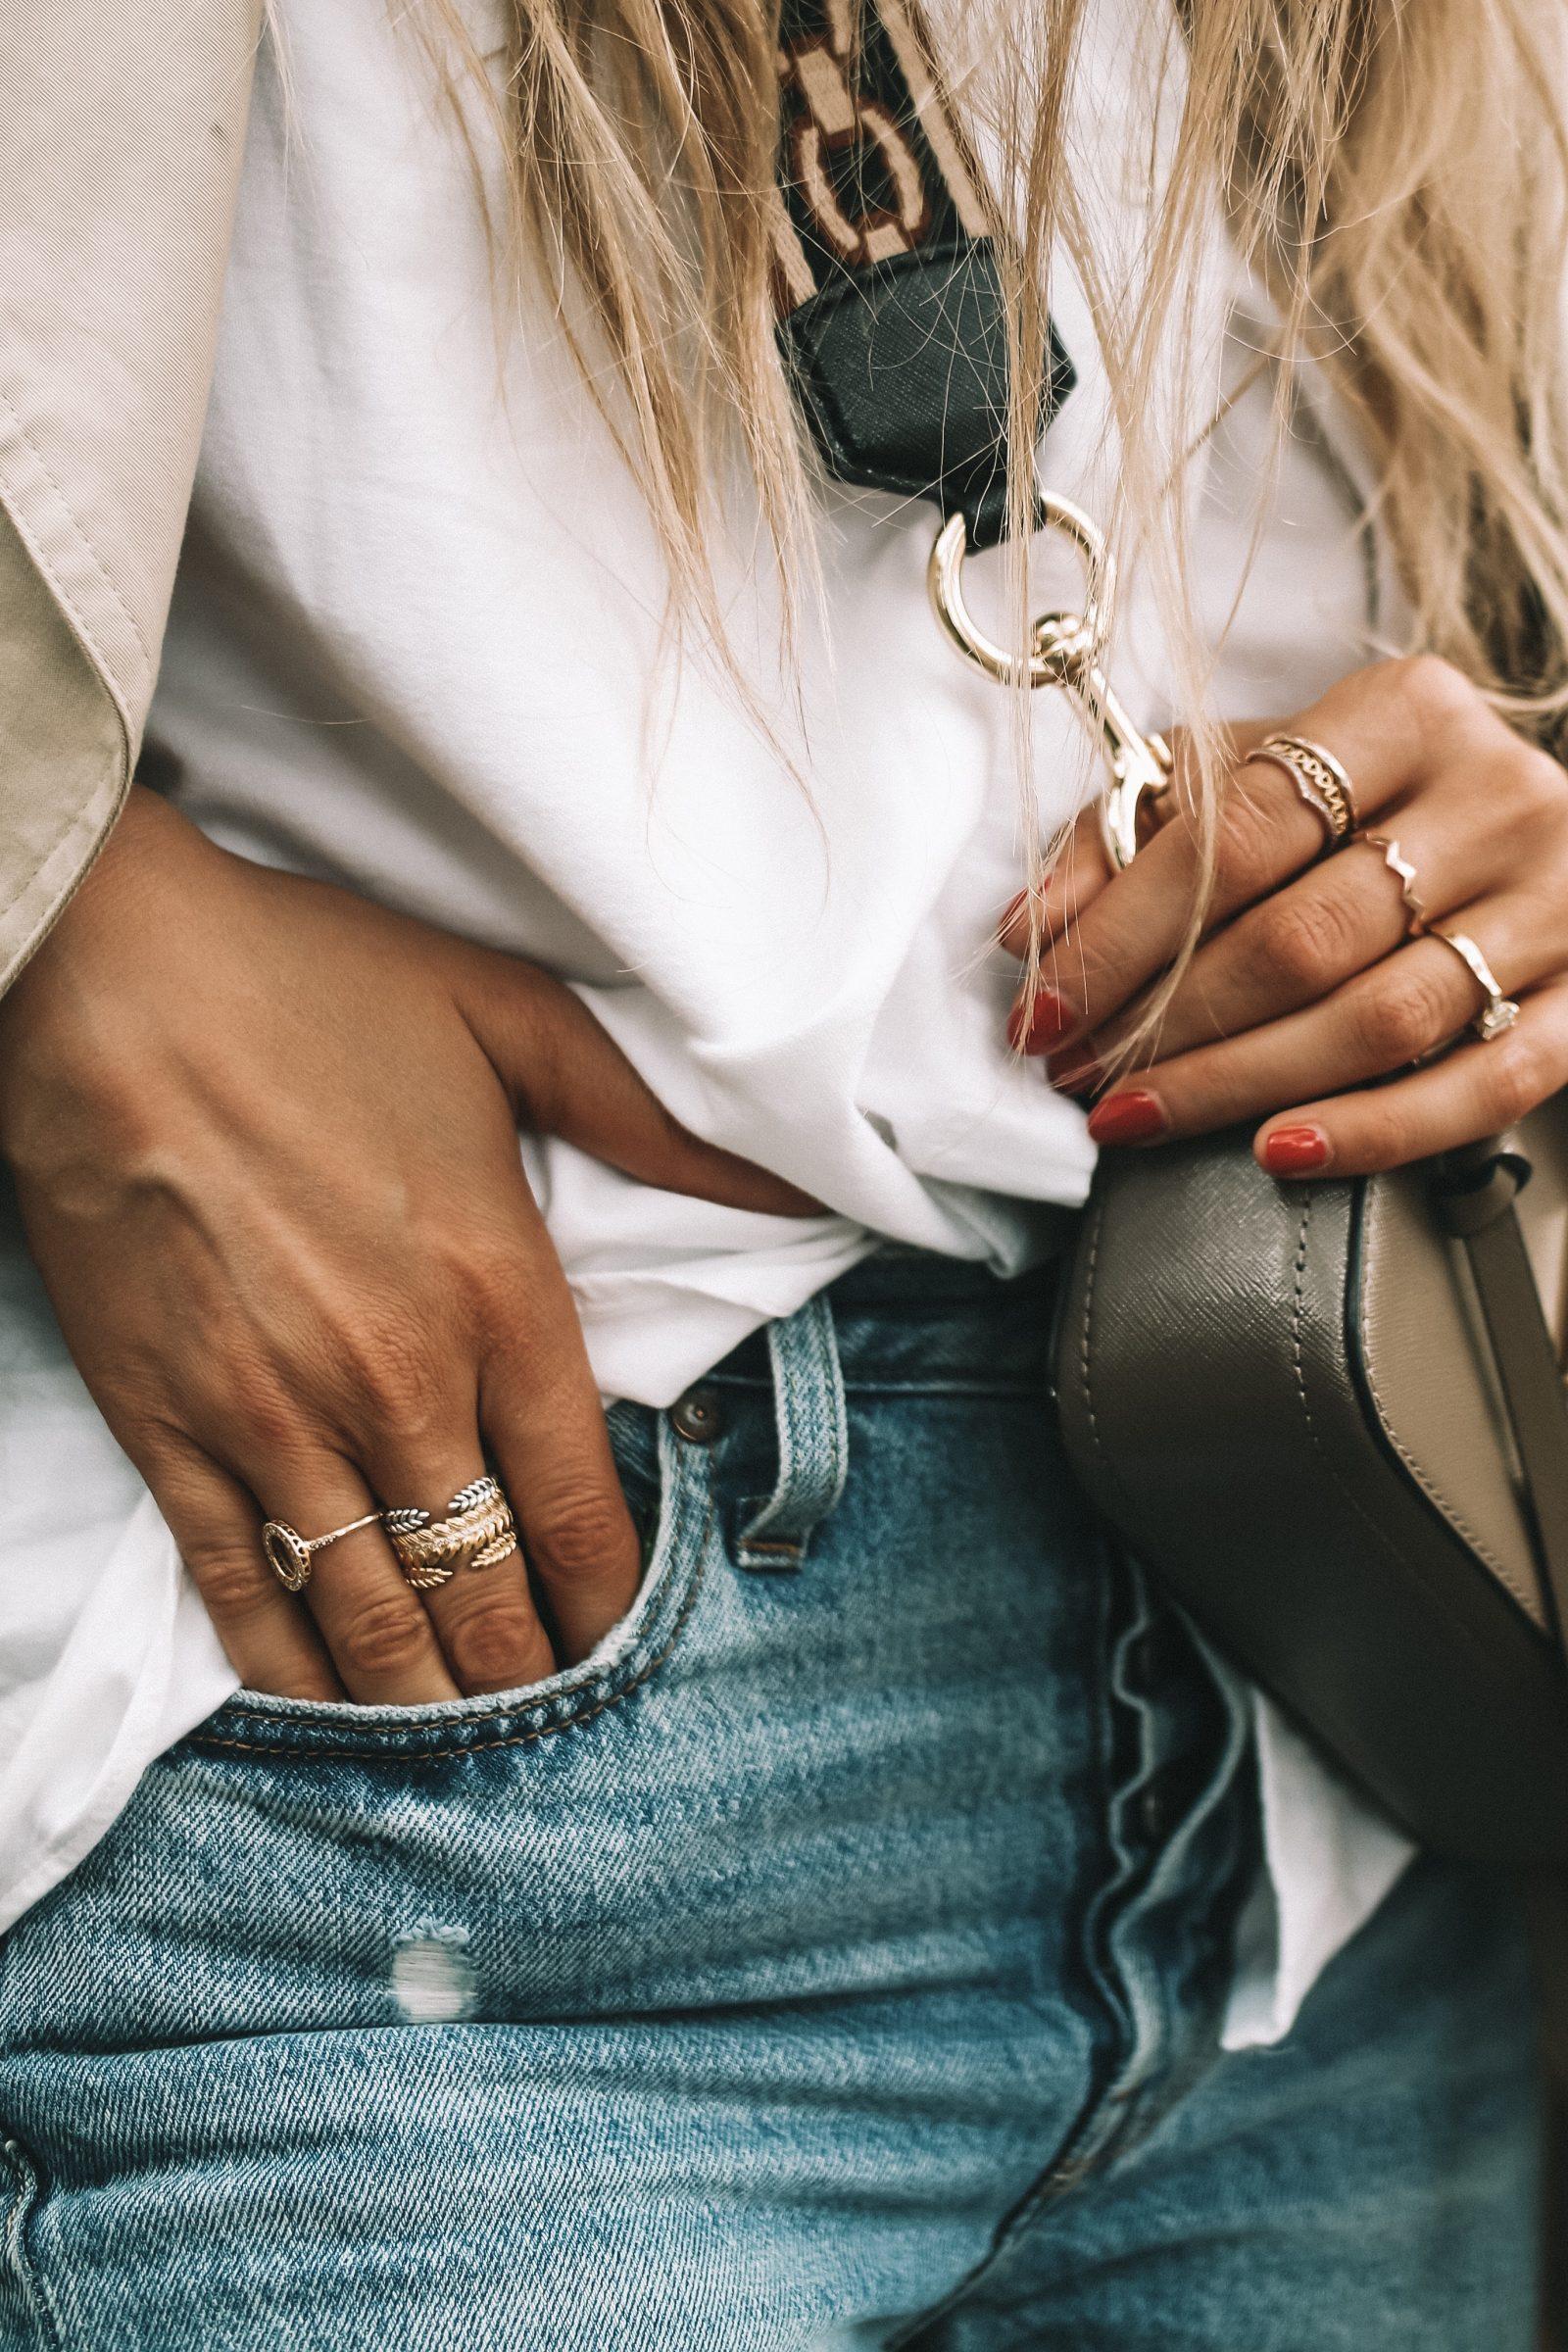 LFW Street Style - Pandora Ring Stack